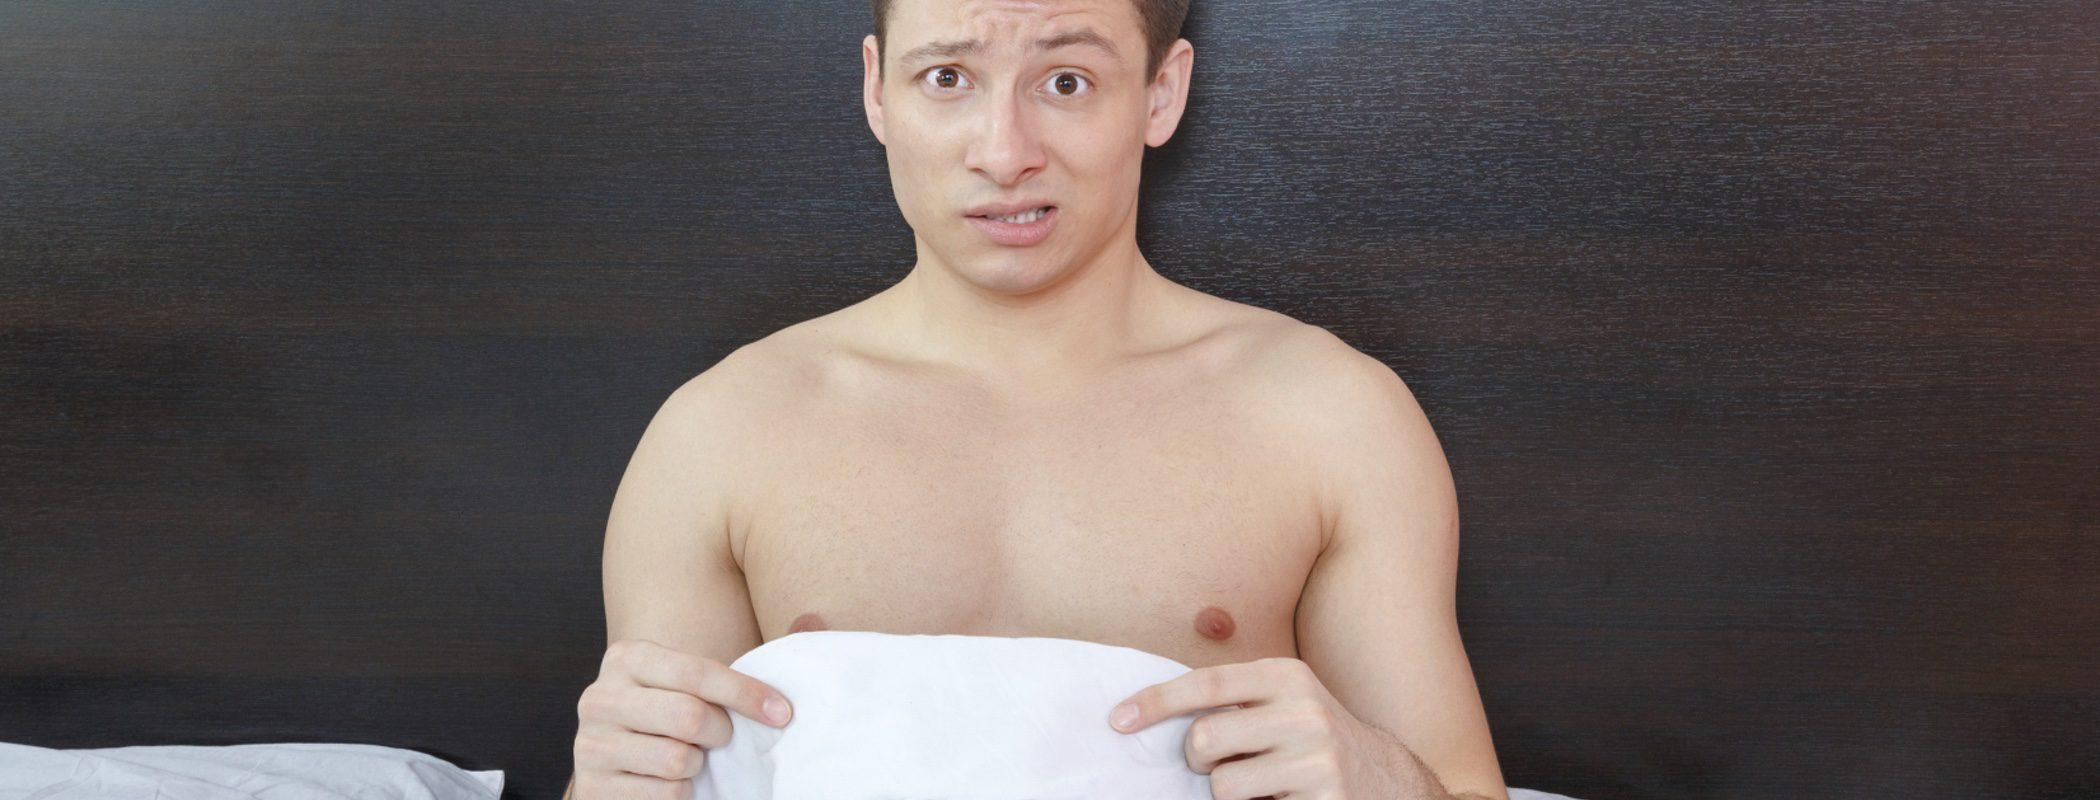 Cómo evitar la eyaculación precoz